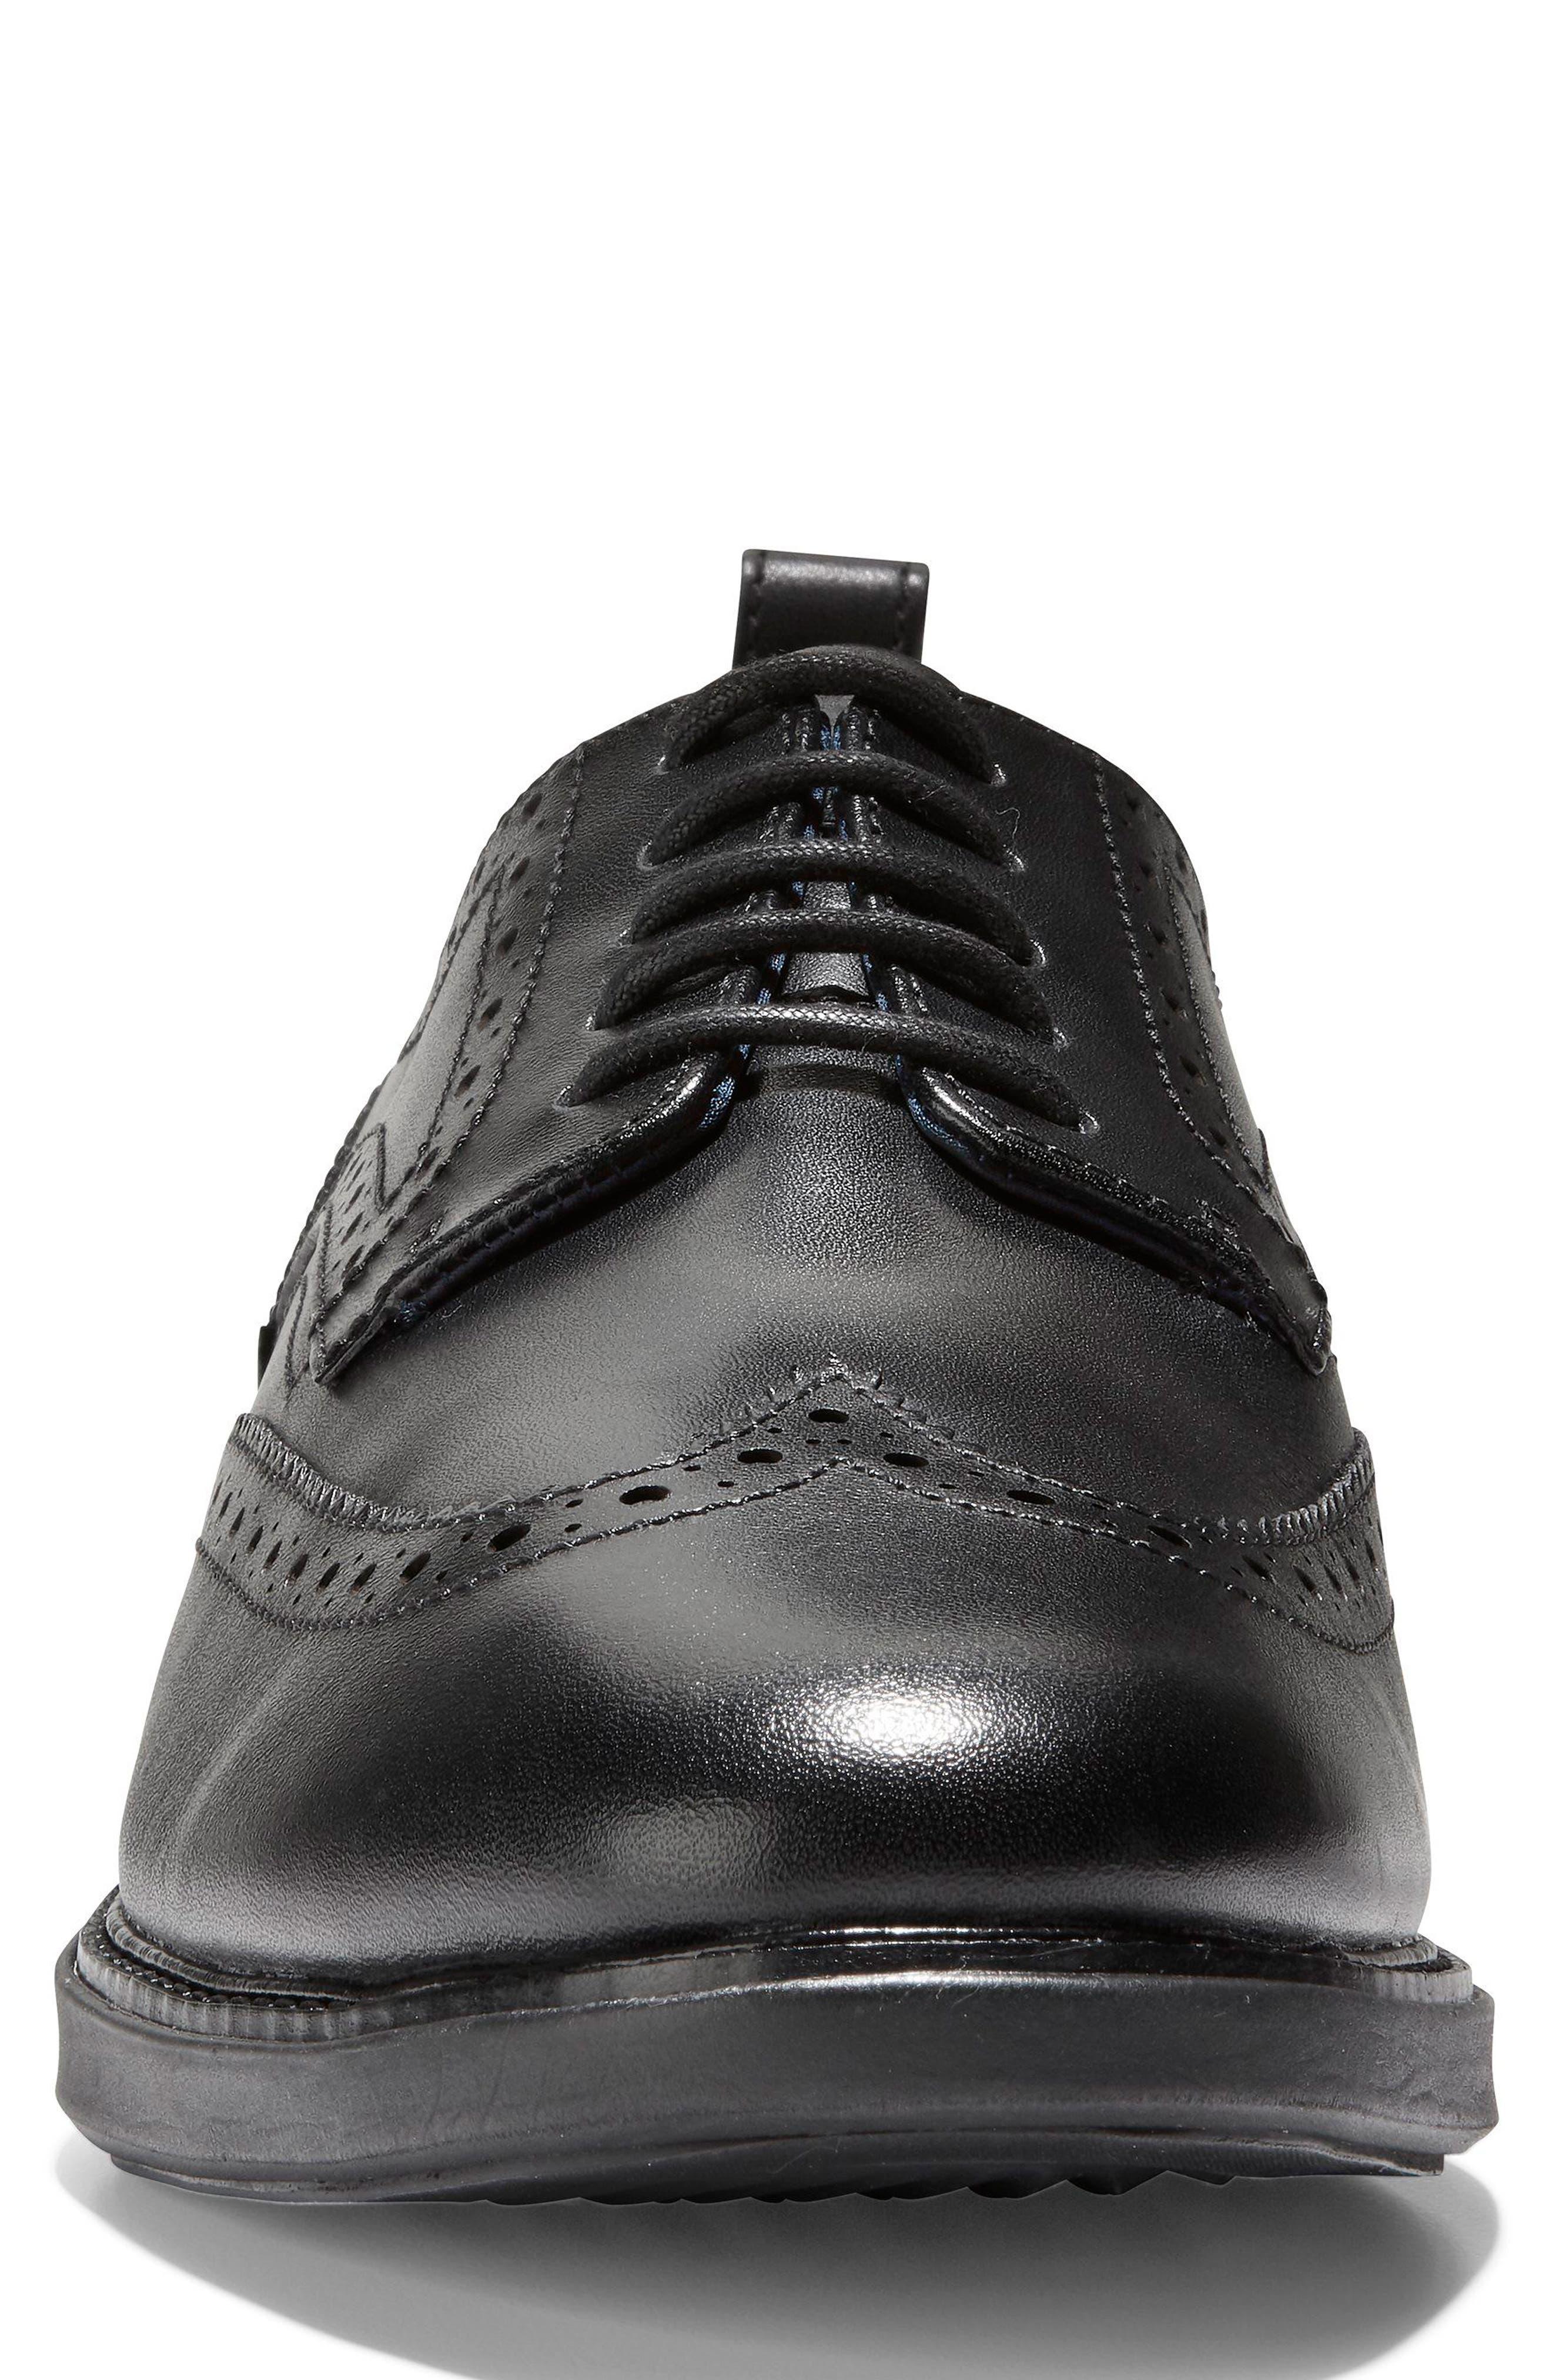 GrandEvølution Wingtip Derby,                             Alternate thumbnail 4, color,                             Black Leather